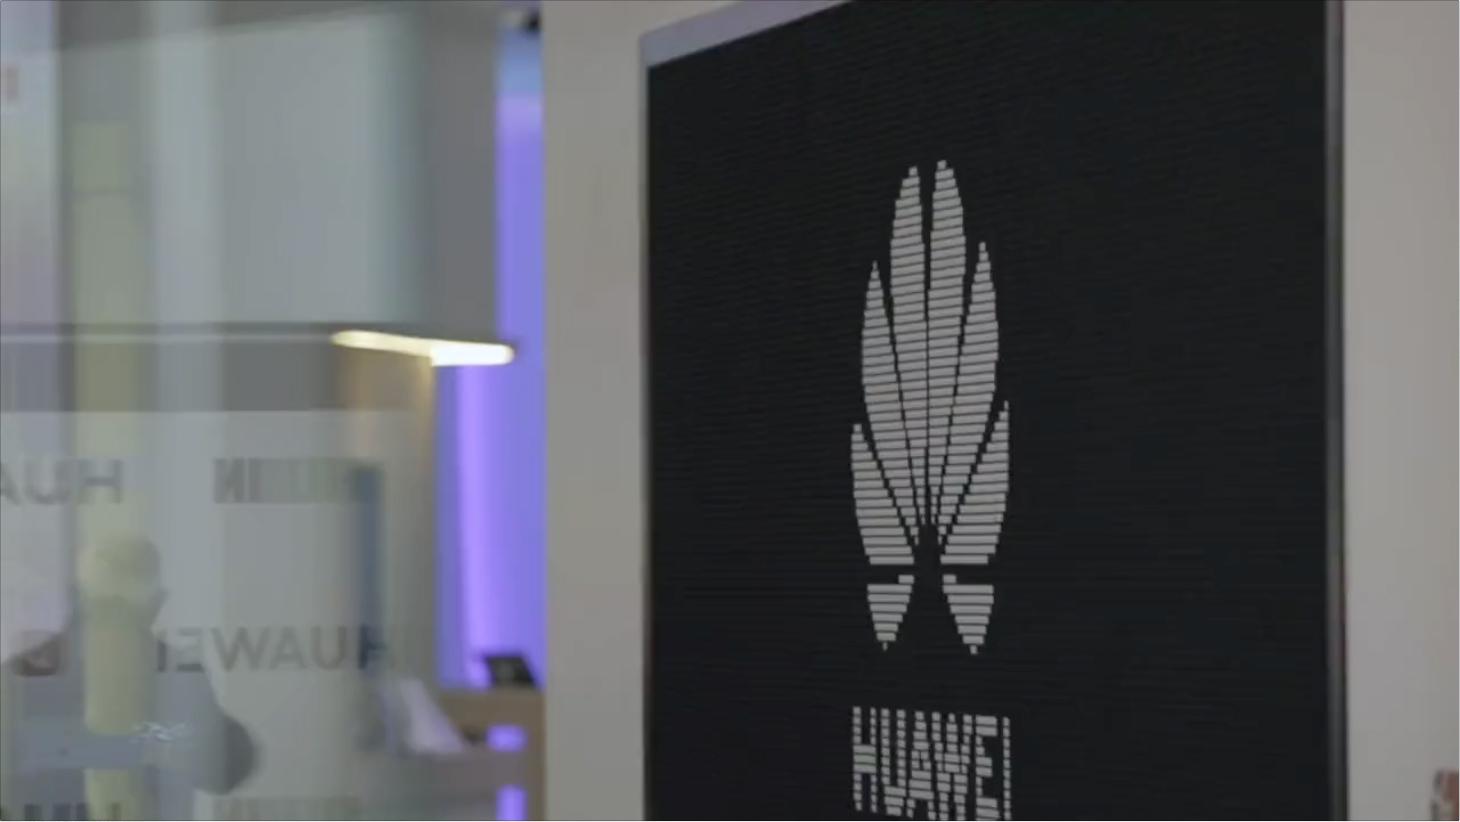 Space Huawei